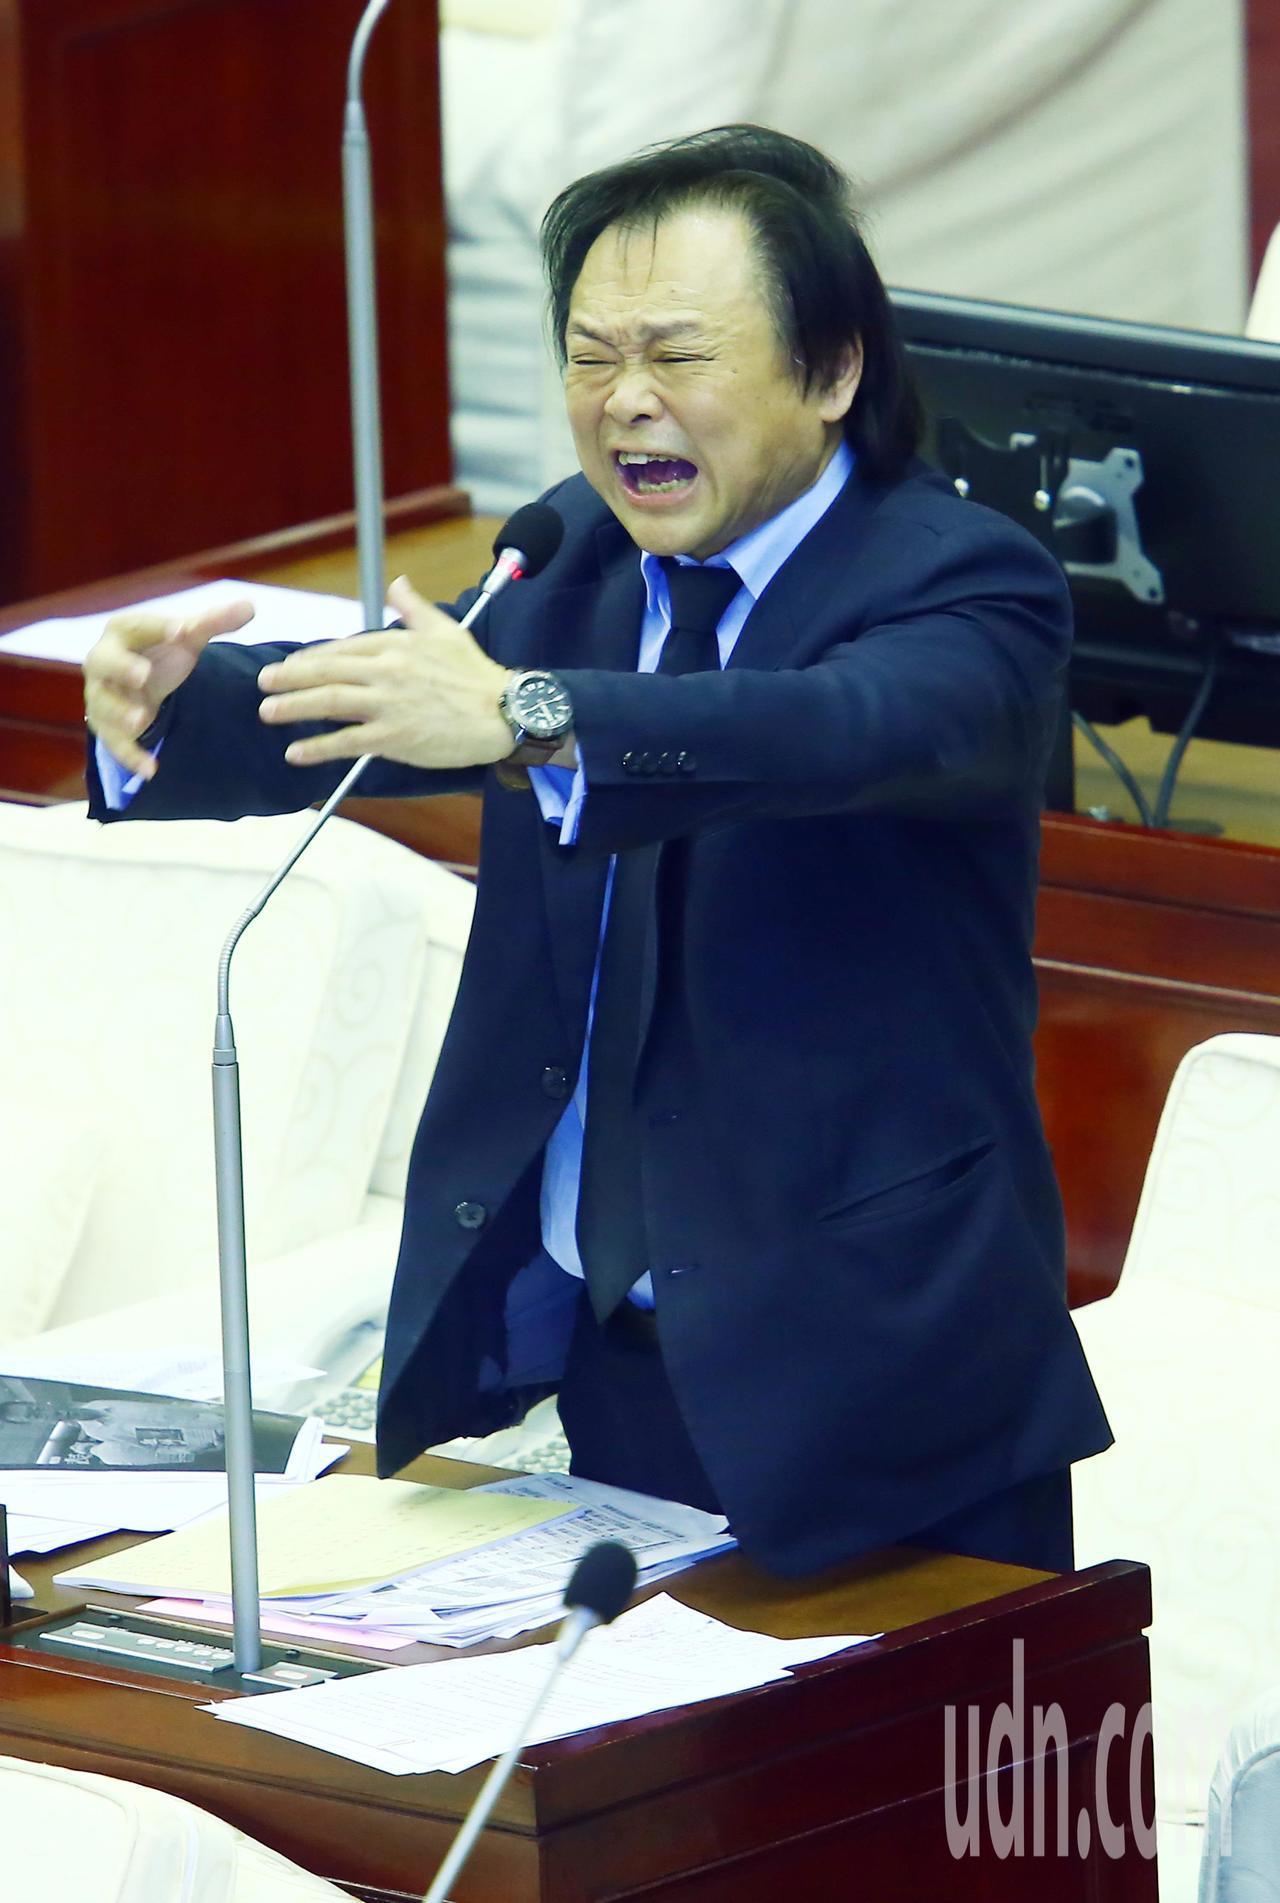 民進黨台北市議員王世堅今天在市政總質詢時爆料,指台北市長柯文哲自己任內也有「新五...